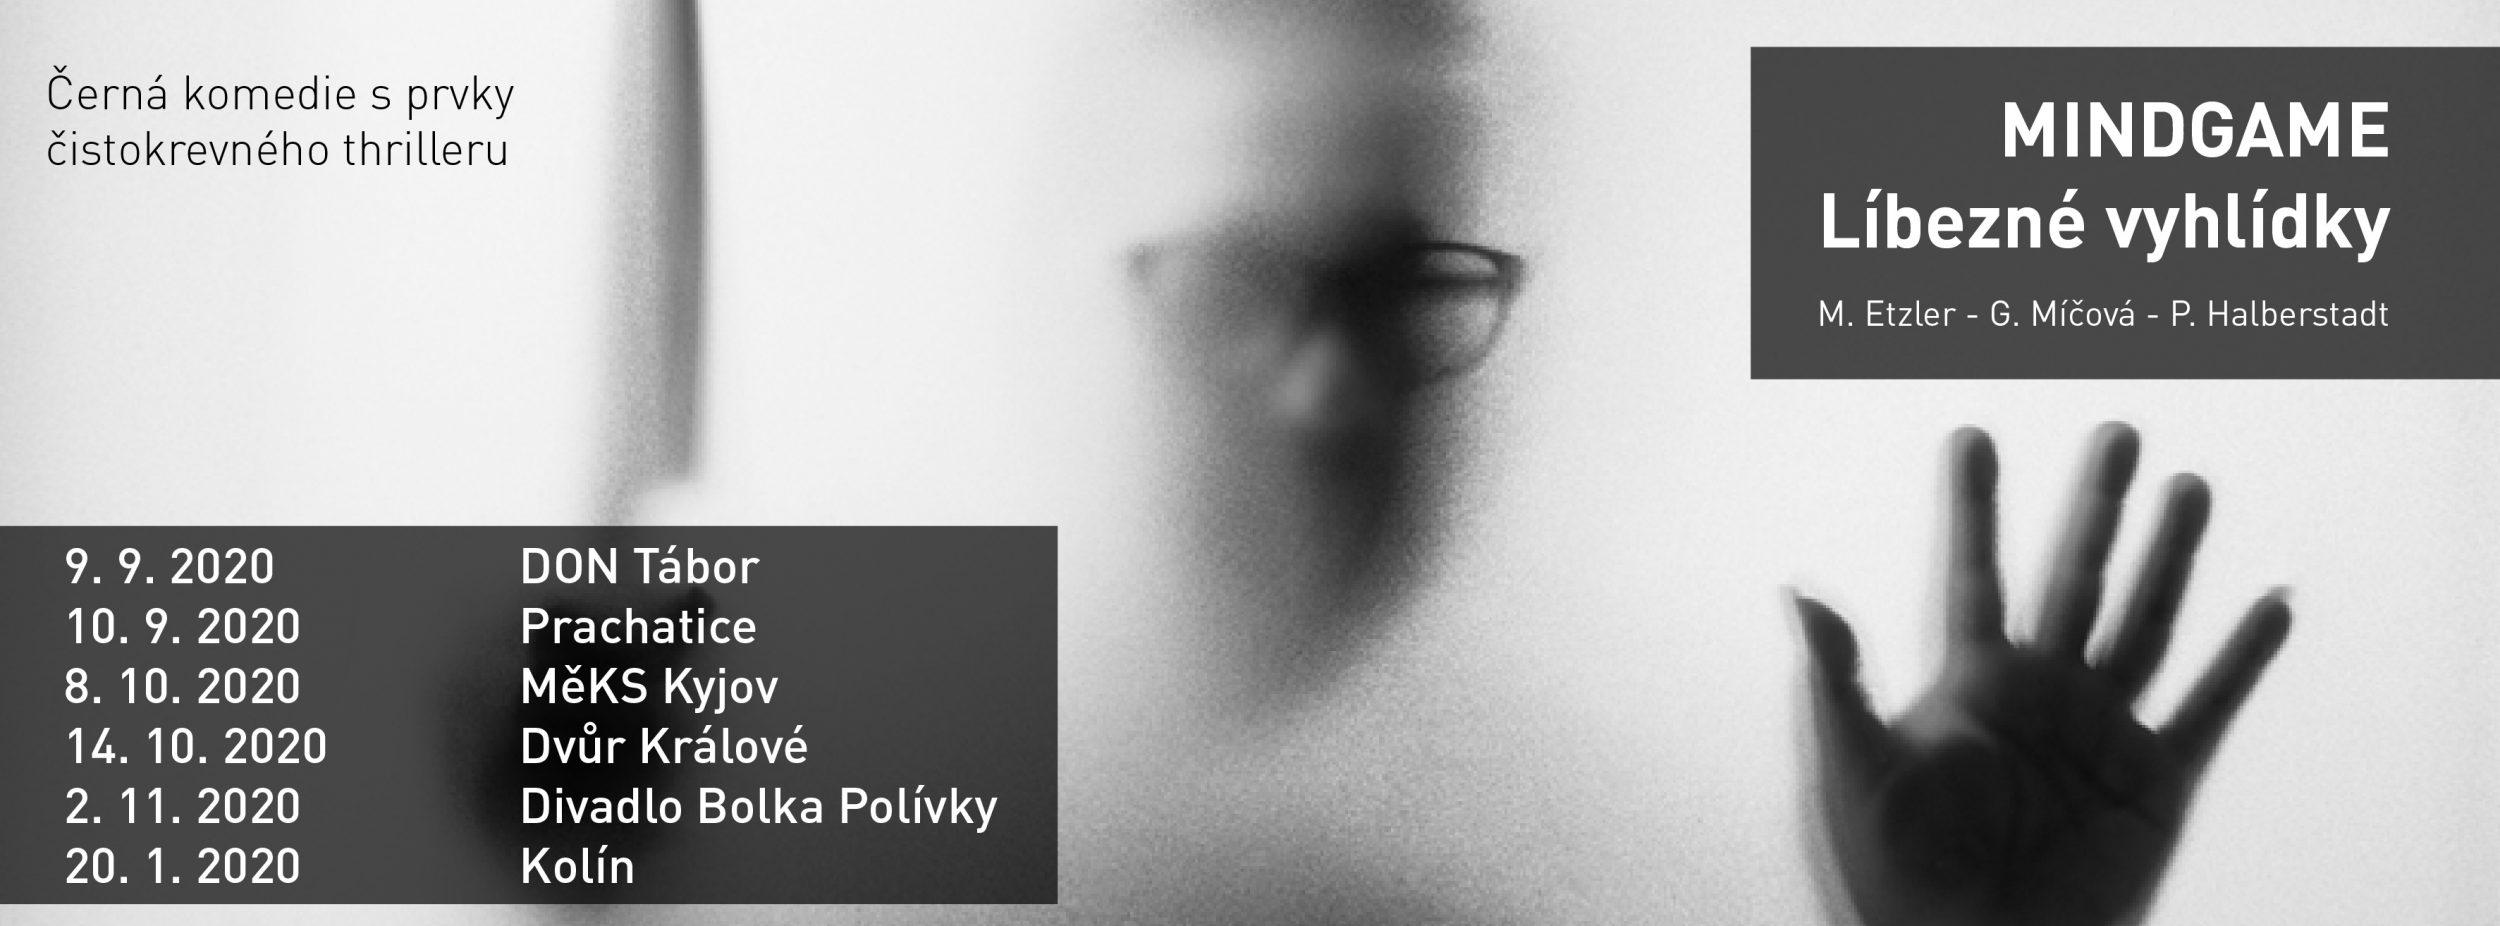 25. 11. 2019 v Divadle Bolka Polívky